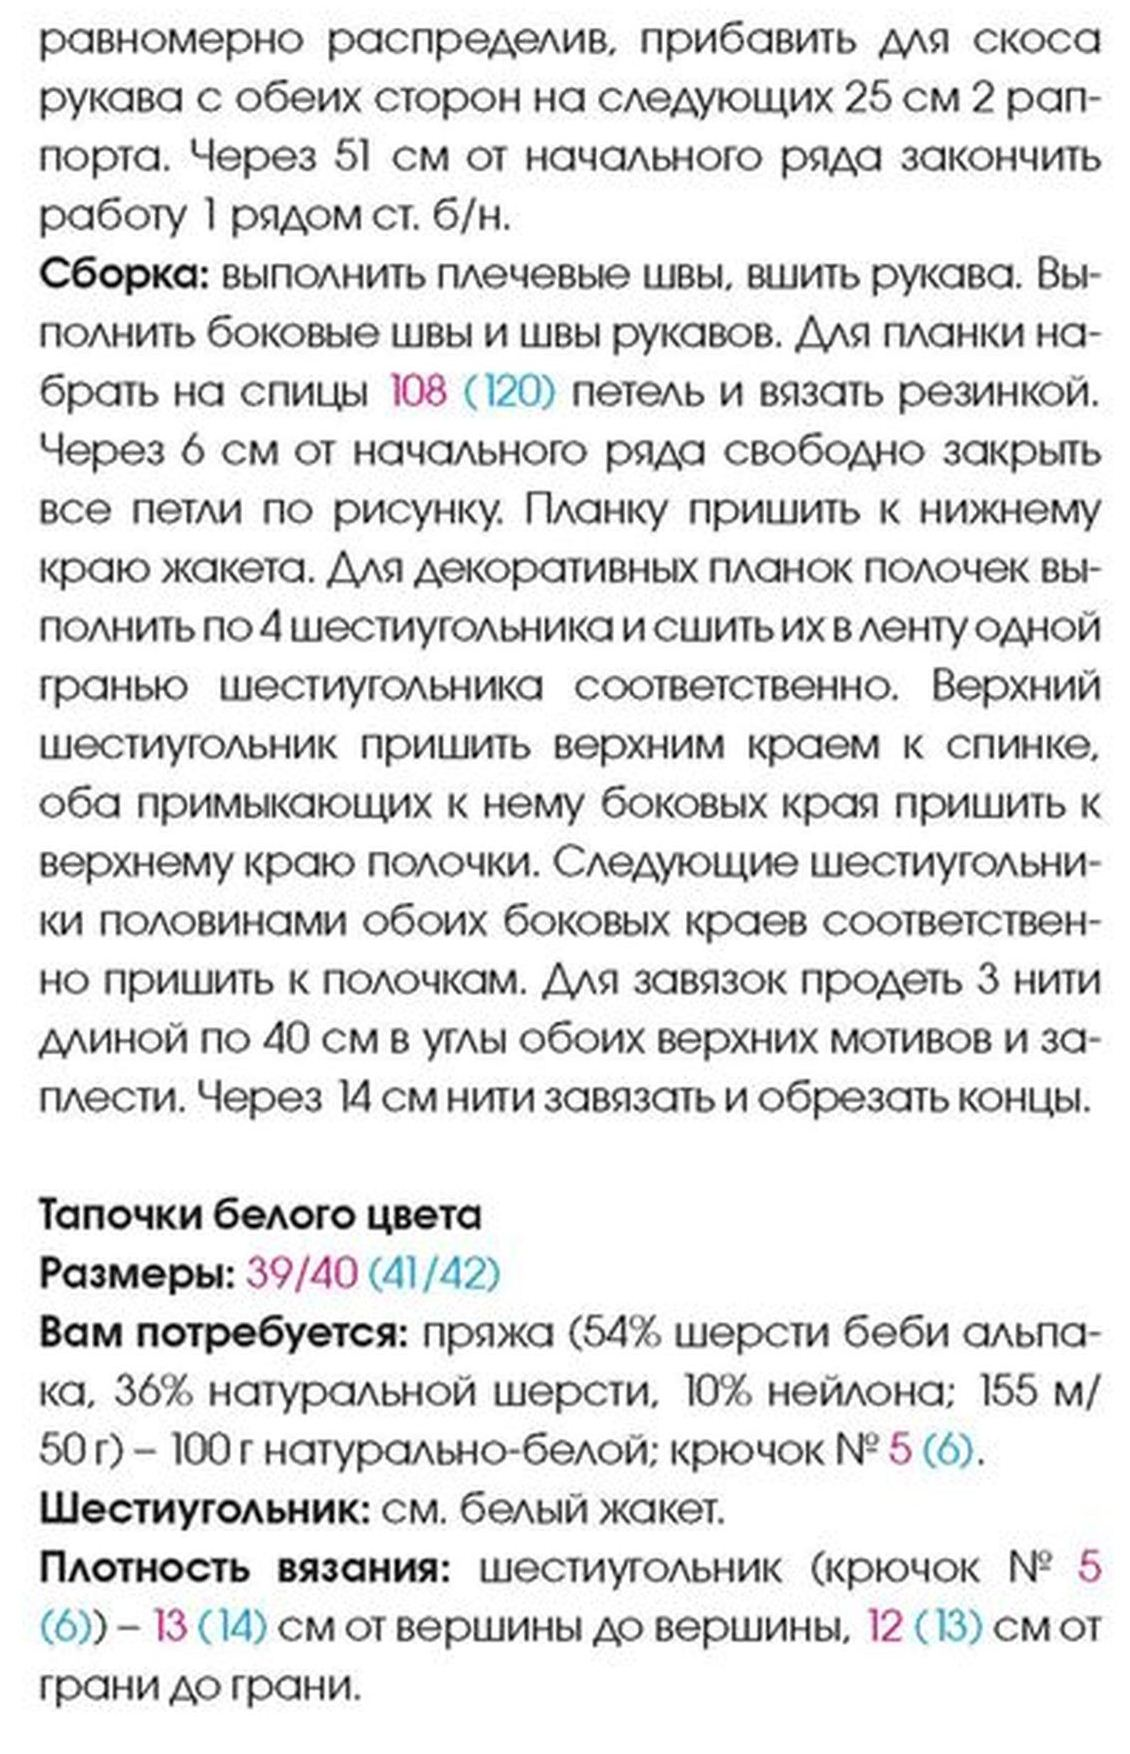 1618_мд_01_2017 (21)